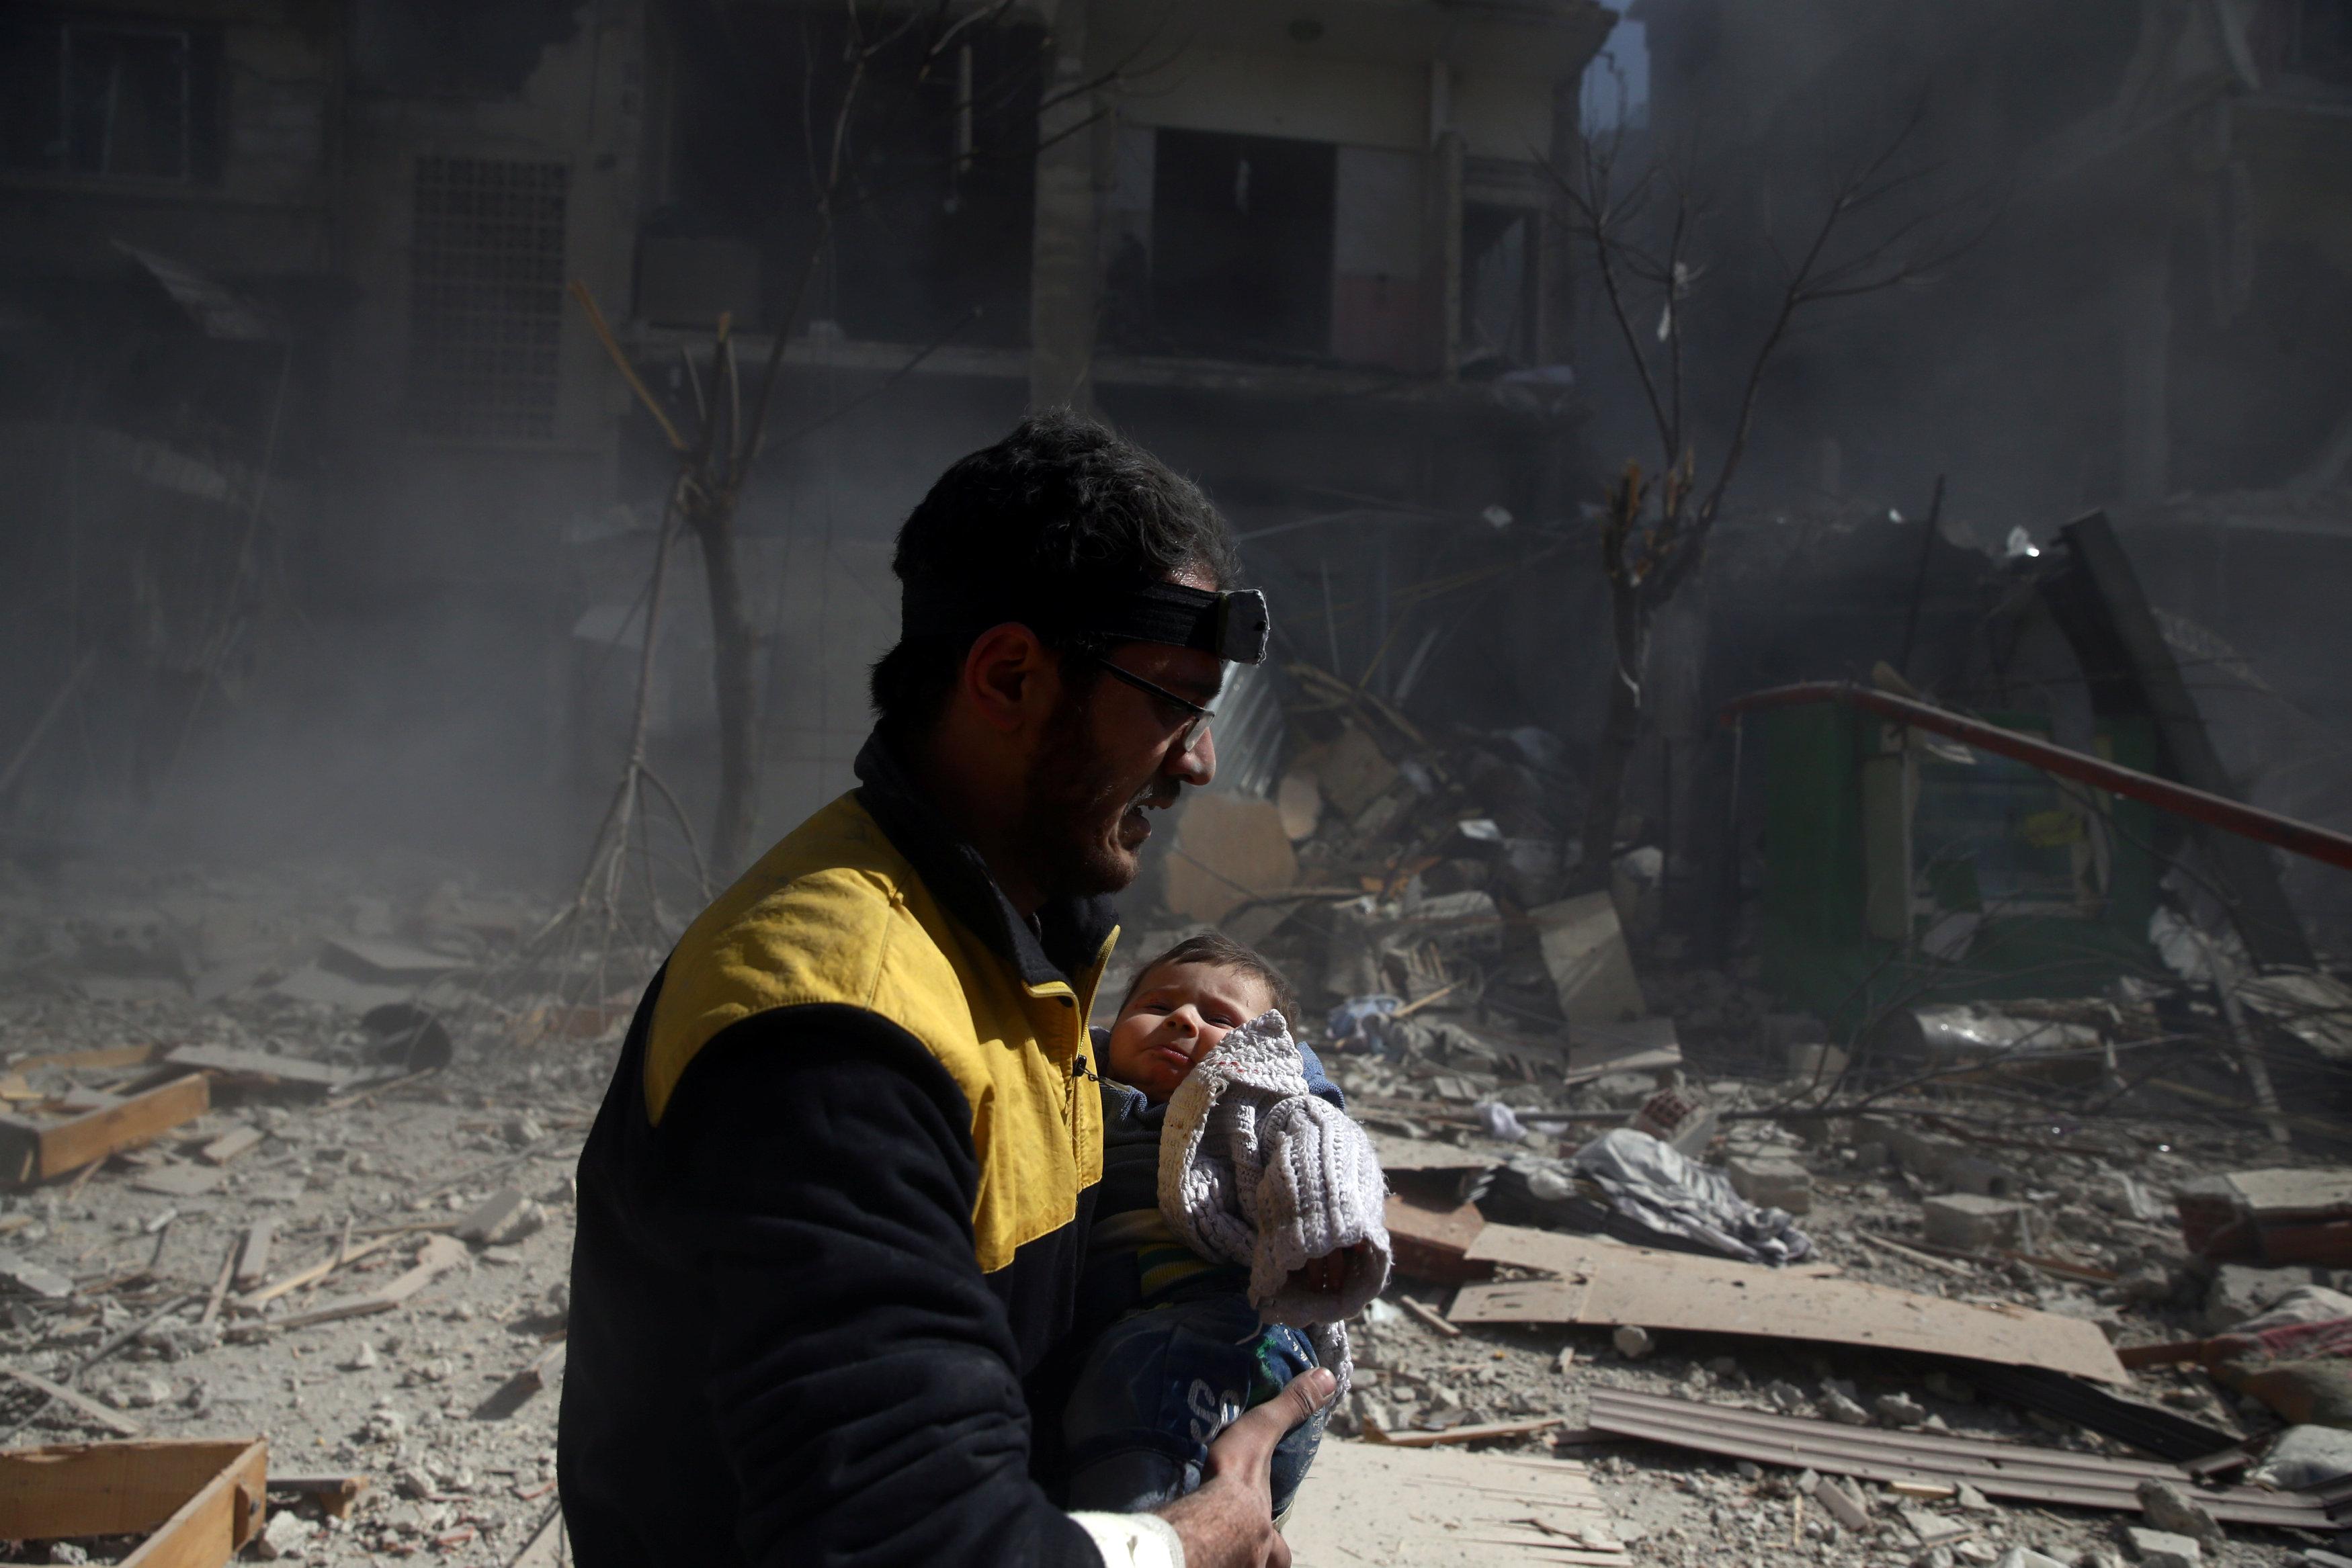 La ONU informó que hay 40 camiones listos para ser enviado con ayuda humanitaria(REUTERS)